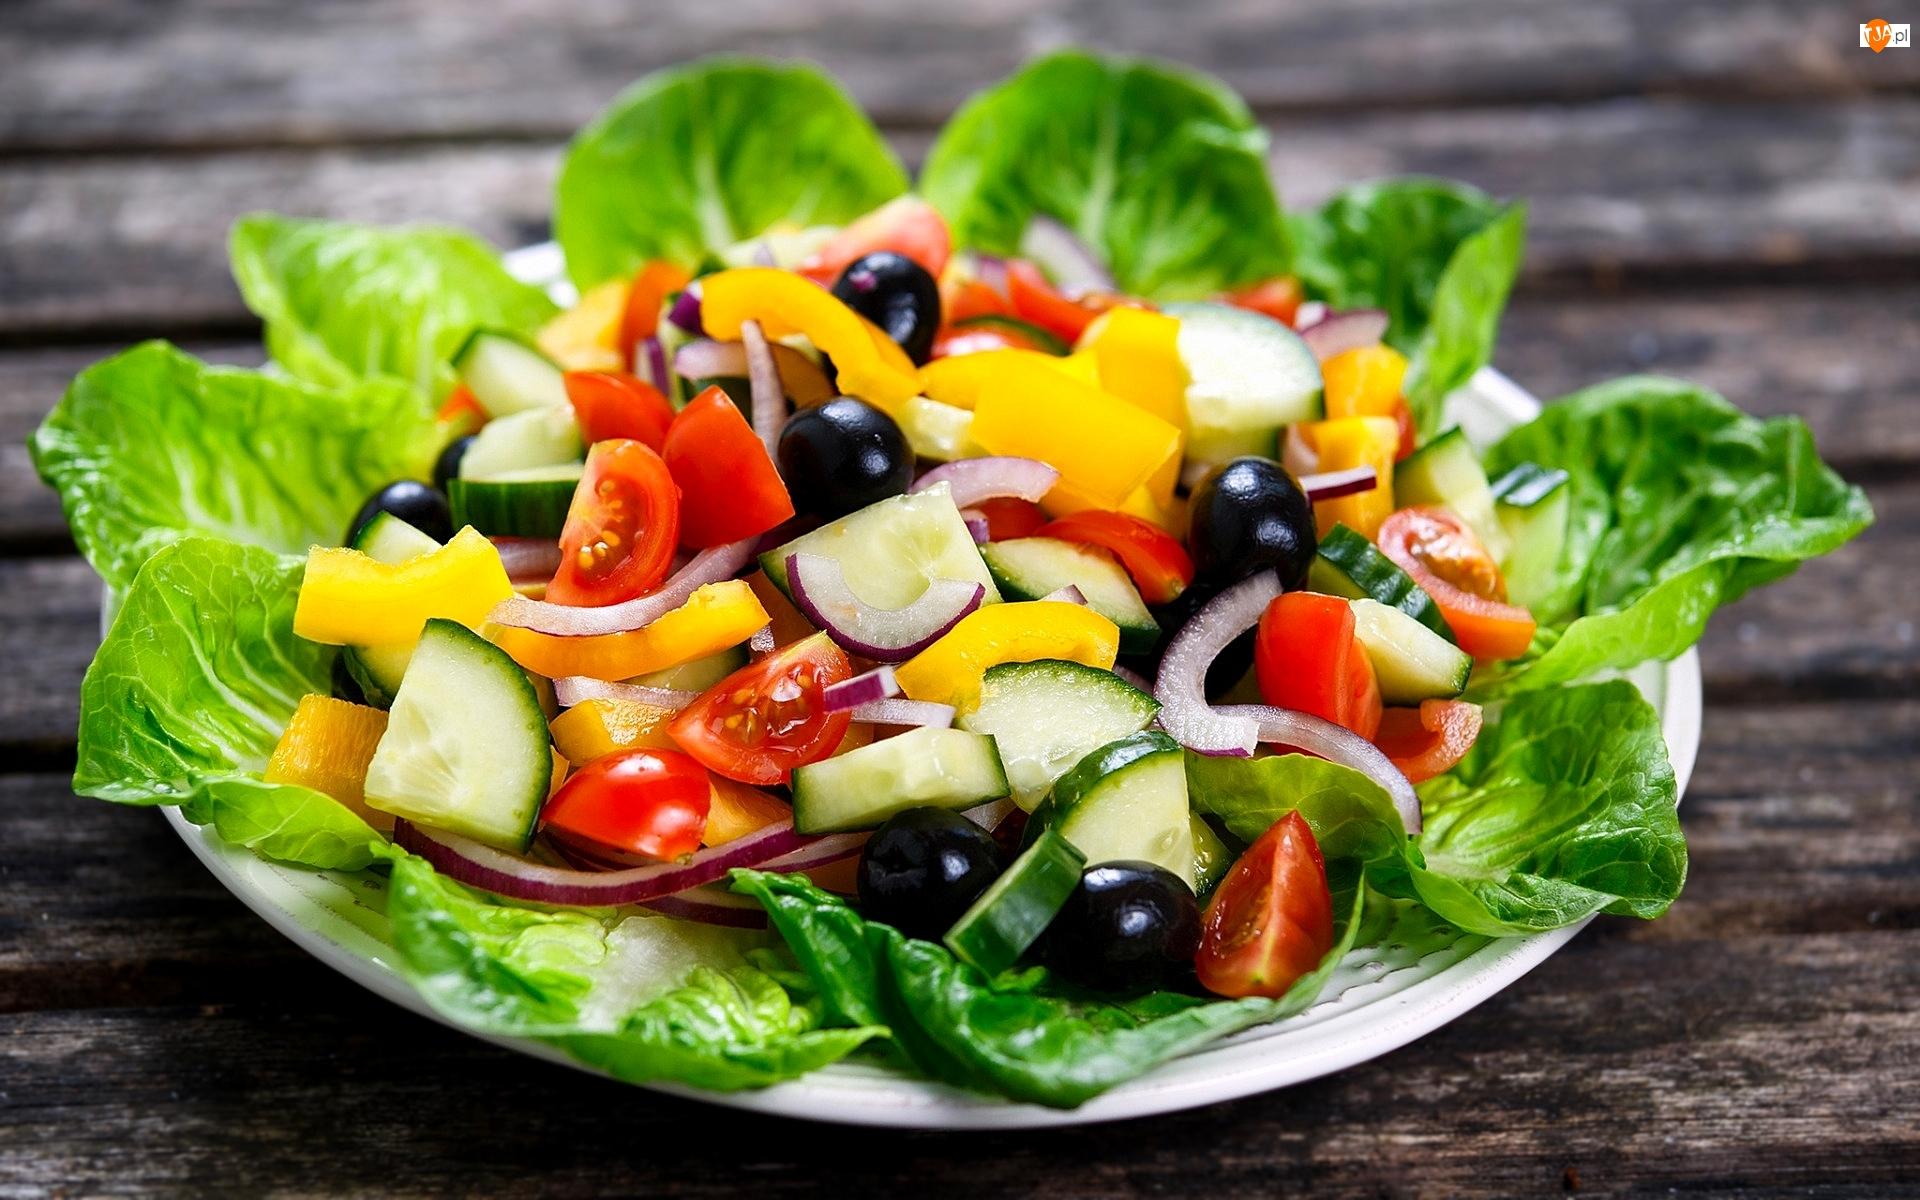 Cebula, Sałatka, Oliwki, Ogórek, Warzywa, Sałata, Talerz, Pomidory